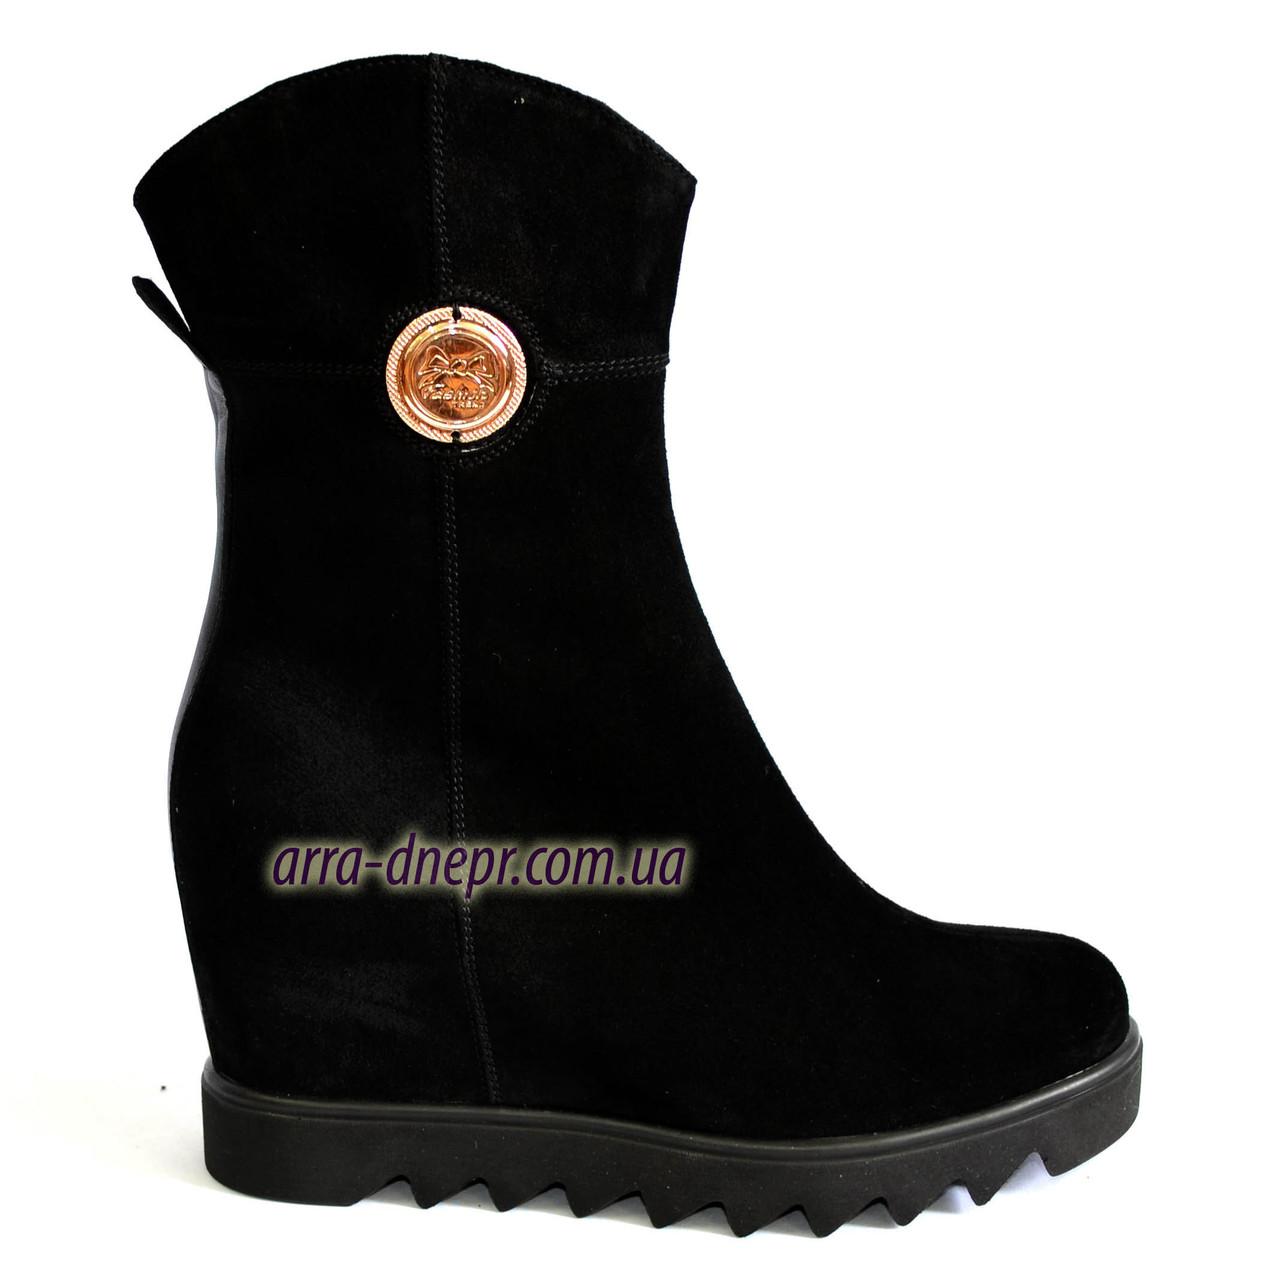 Стильные ботинки женские на платформе. Зимний вариант